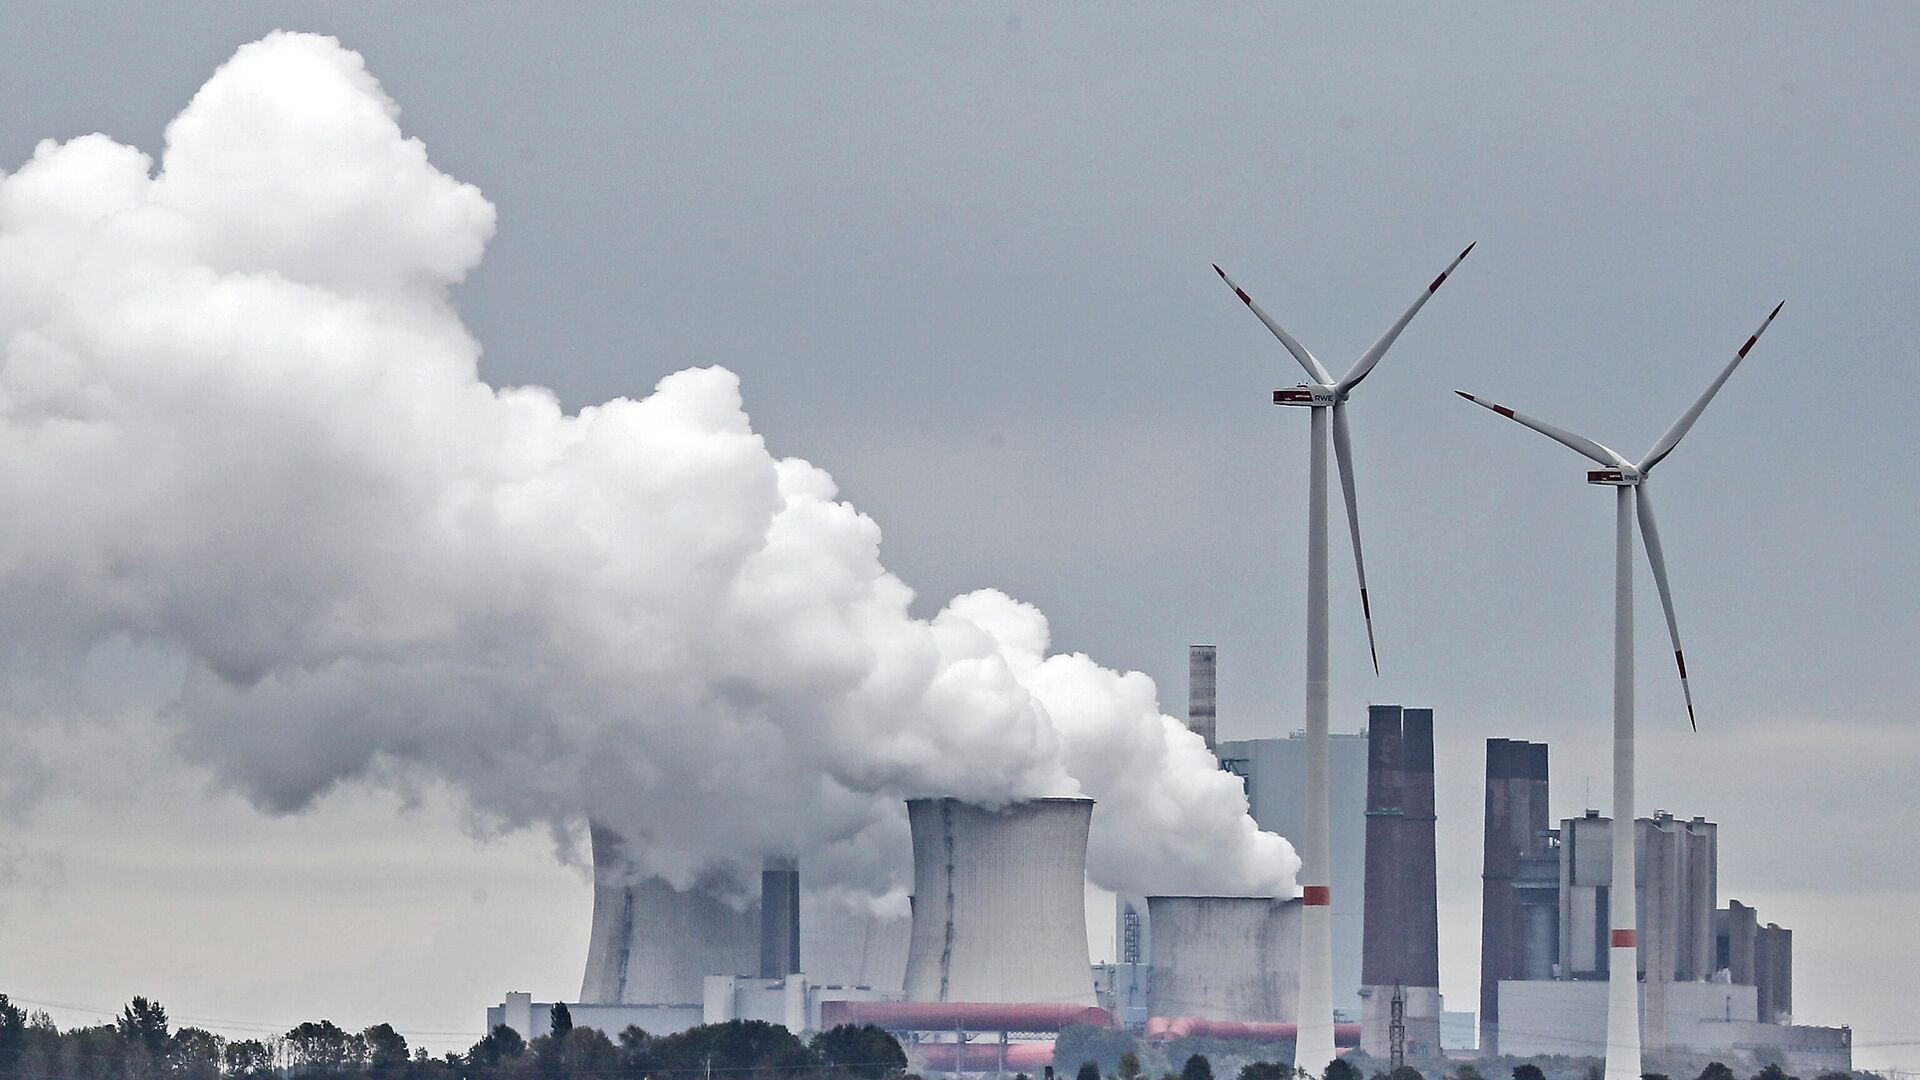 Ein Kohlekraftwerk in der Nähe des Kohletagebaus Garzweiler  - SNA, 1920, 01.10.2021